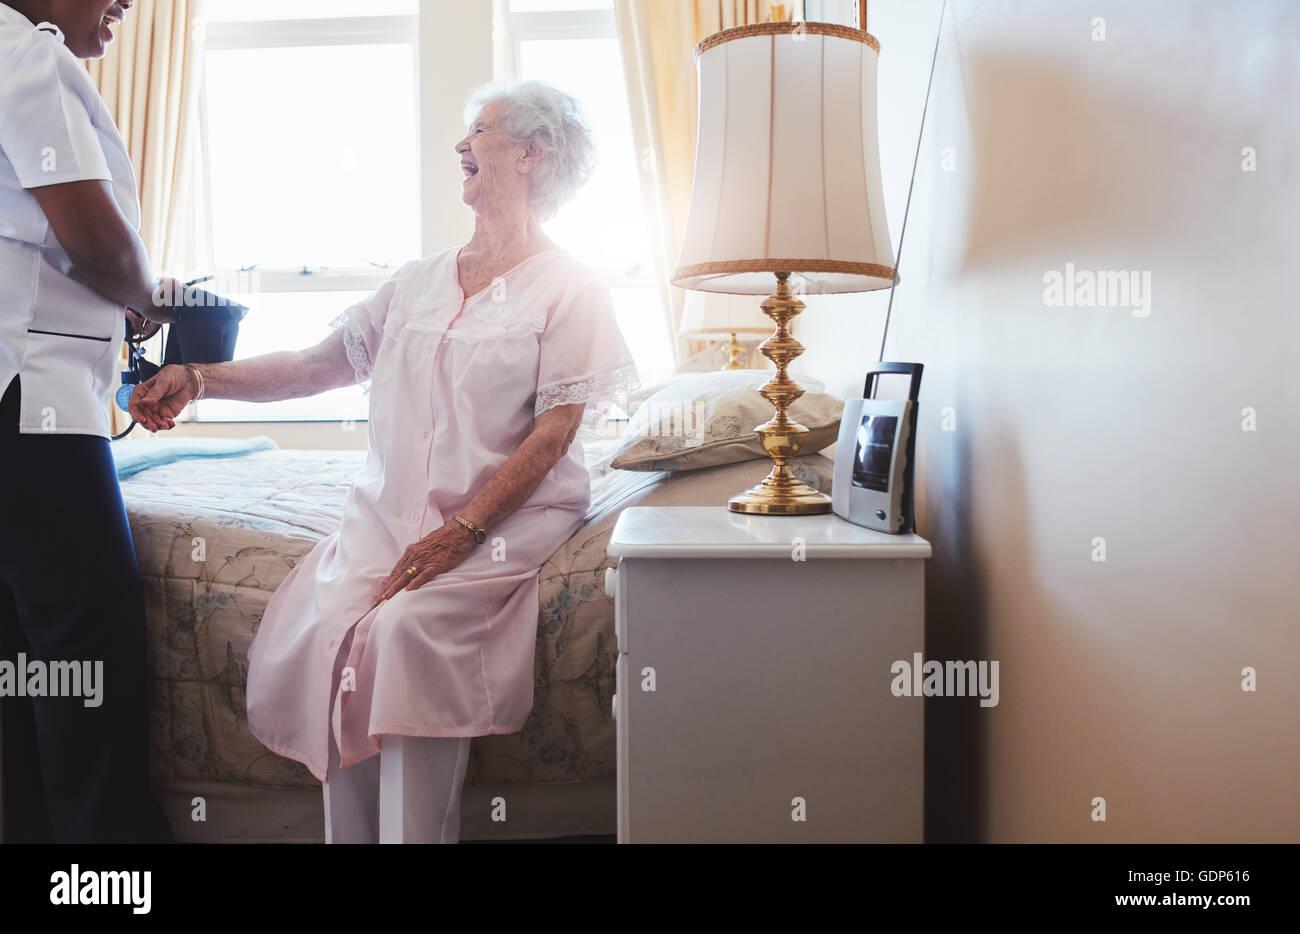 Tourné à l'intérieur d'happy senior woman sitting on bed with female nurse contrôler Photo Stock